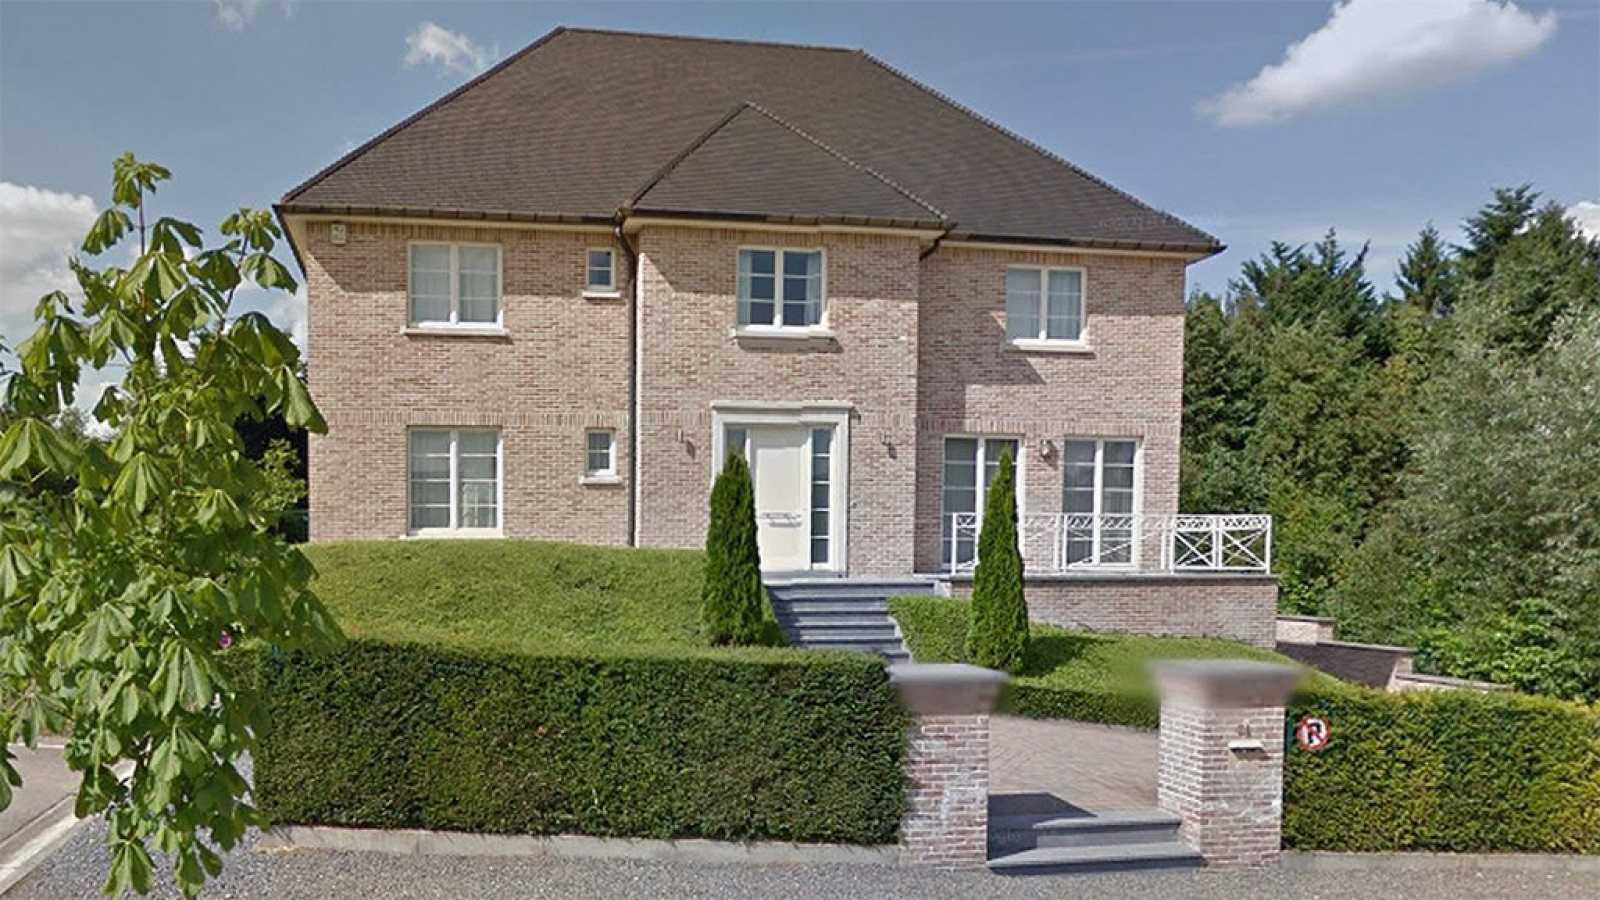 puigdemont alquila una casa en waterloo bélgica por 4 400 euros al